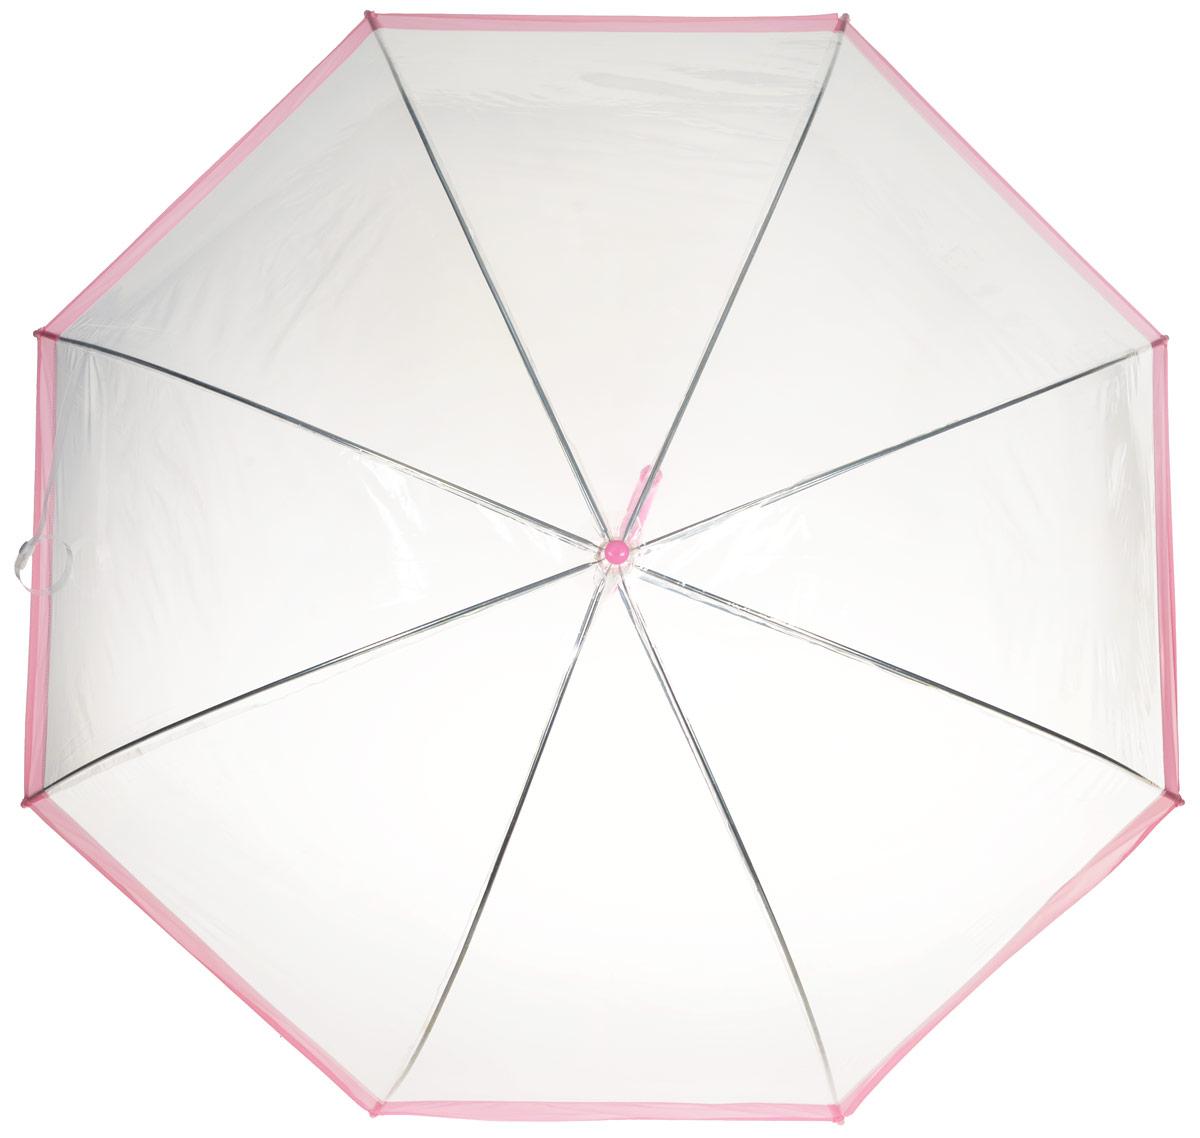 Зонт-трость женский Эврика, механика, цвет: прозрачный, розовый. 9607596075Оригинальный и элегантный женский зонт-трость Эврика порадует своим оформлением даже в ненастную погоду. Зонт состоит из восьми спиц и стержня выполненных из качественного металла. Купол выполнен из качественного ПВХ, который не пропускает воду. Зонт дополнен удобной пластиковой ручкой в виде крючка. Изделие имеет механический способ сложения: и купол, и стержень открываются и закрываются вручную до характерного щелчка. Зонт закрывается хлястиком на кнопку. Зонт имеет прозрачную текстуру, что позволяет видеть обстановку вокруг себя. Такой зонт не оставит вас незамеченной.